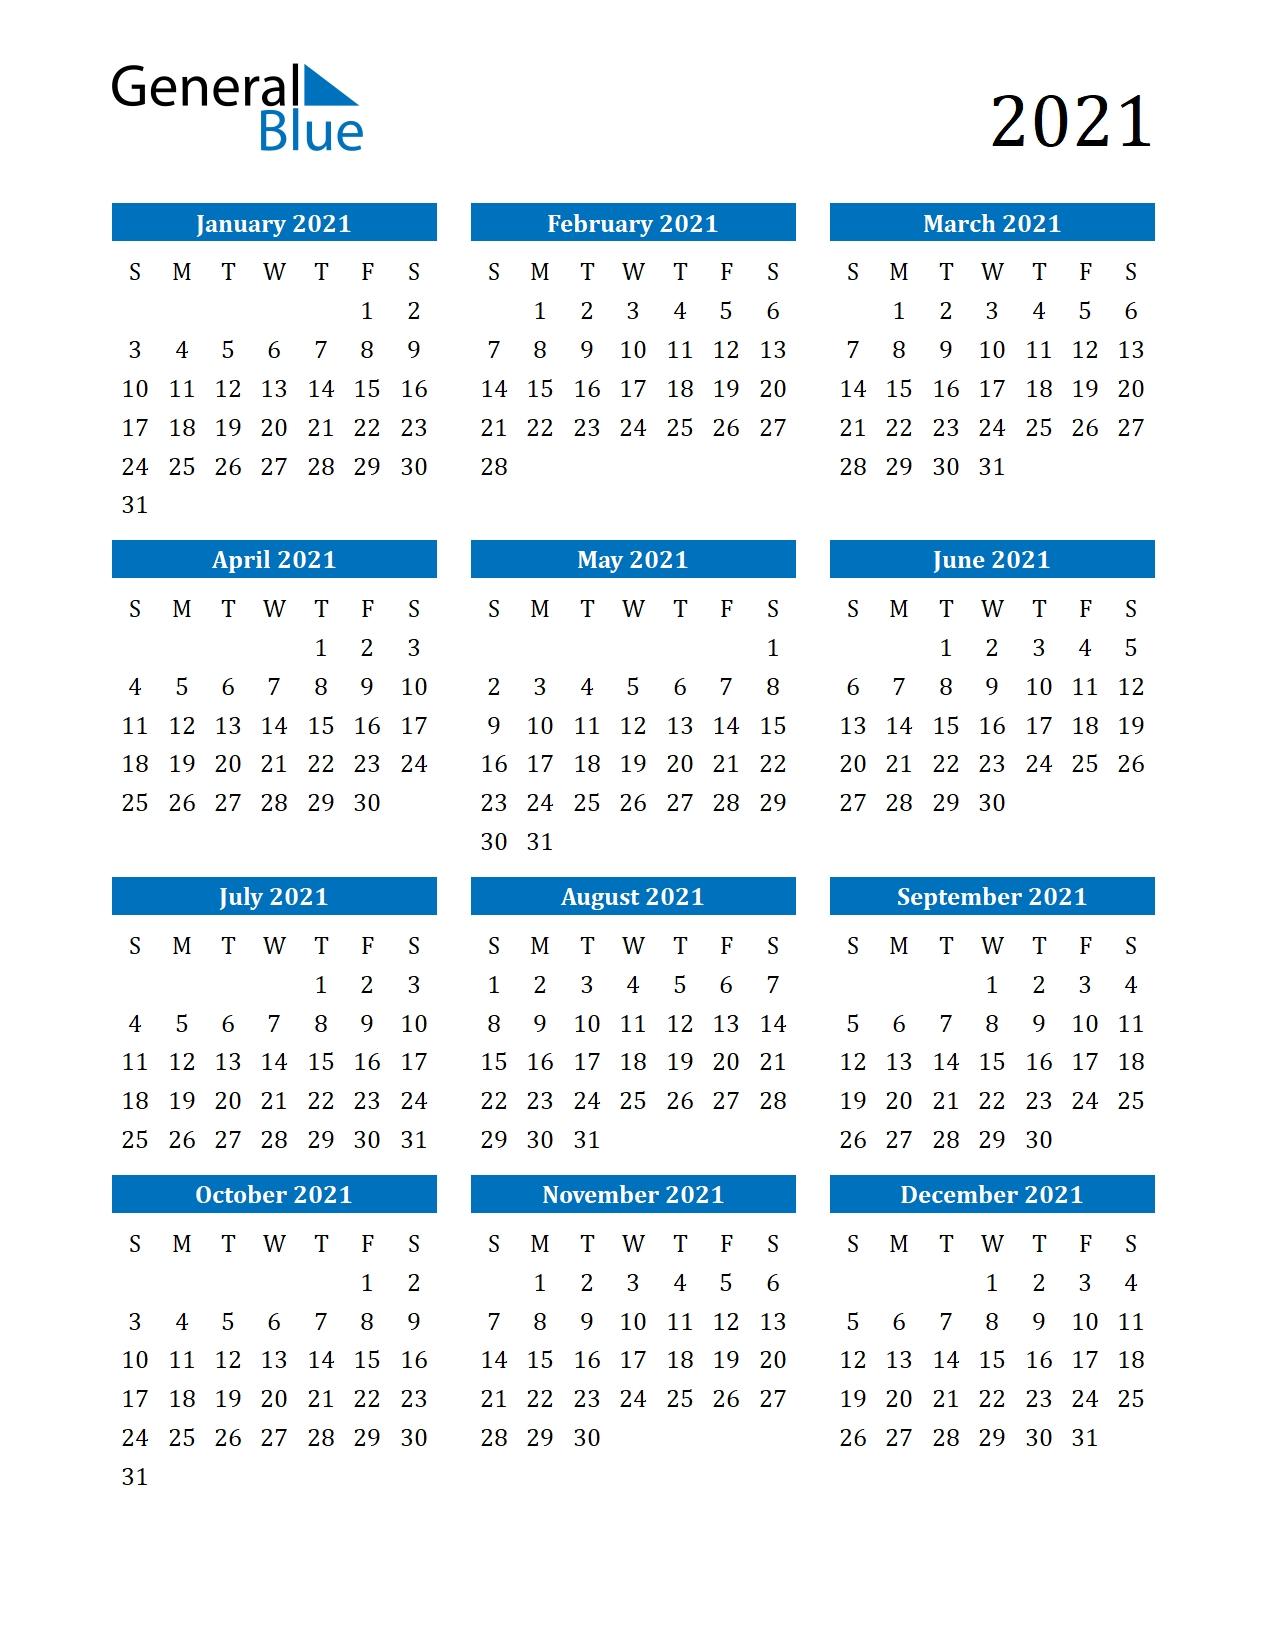 Get August To December 2021 Calendar